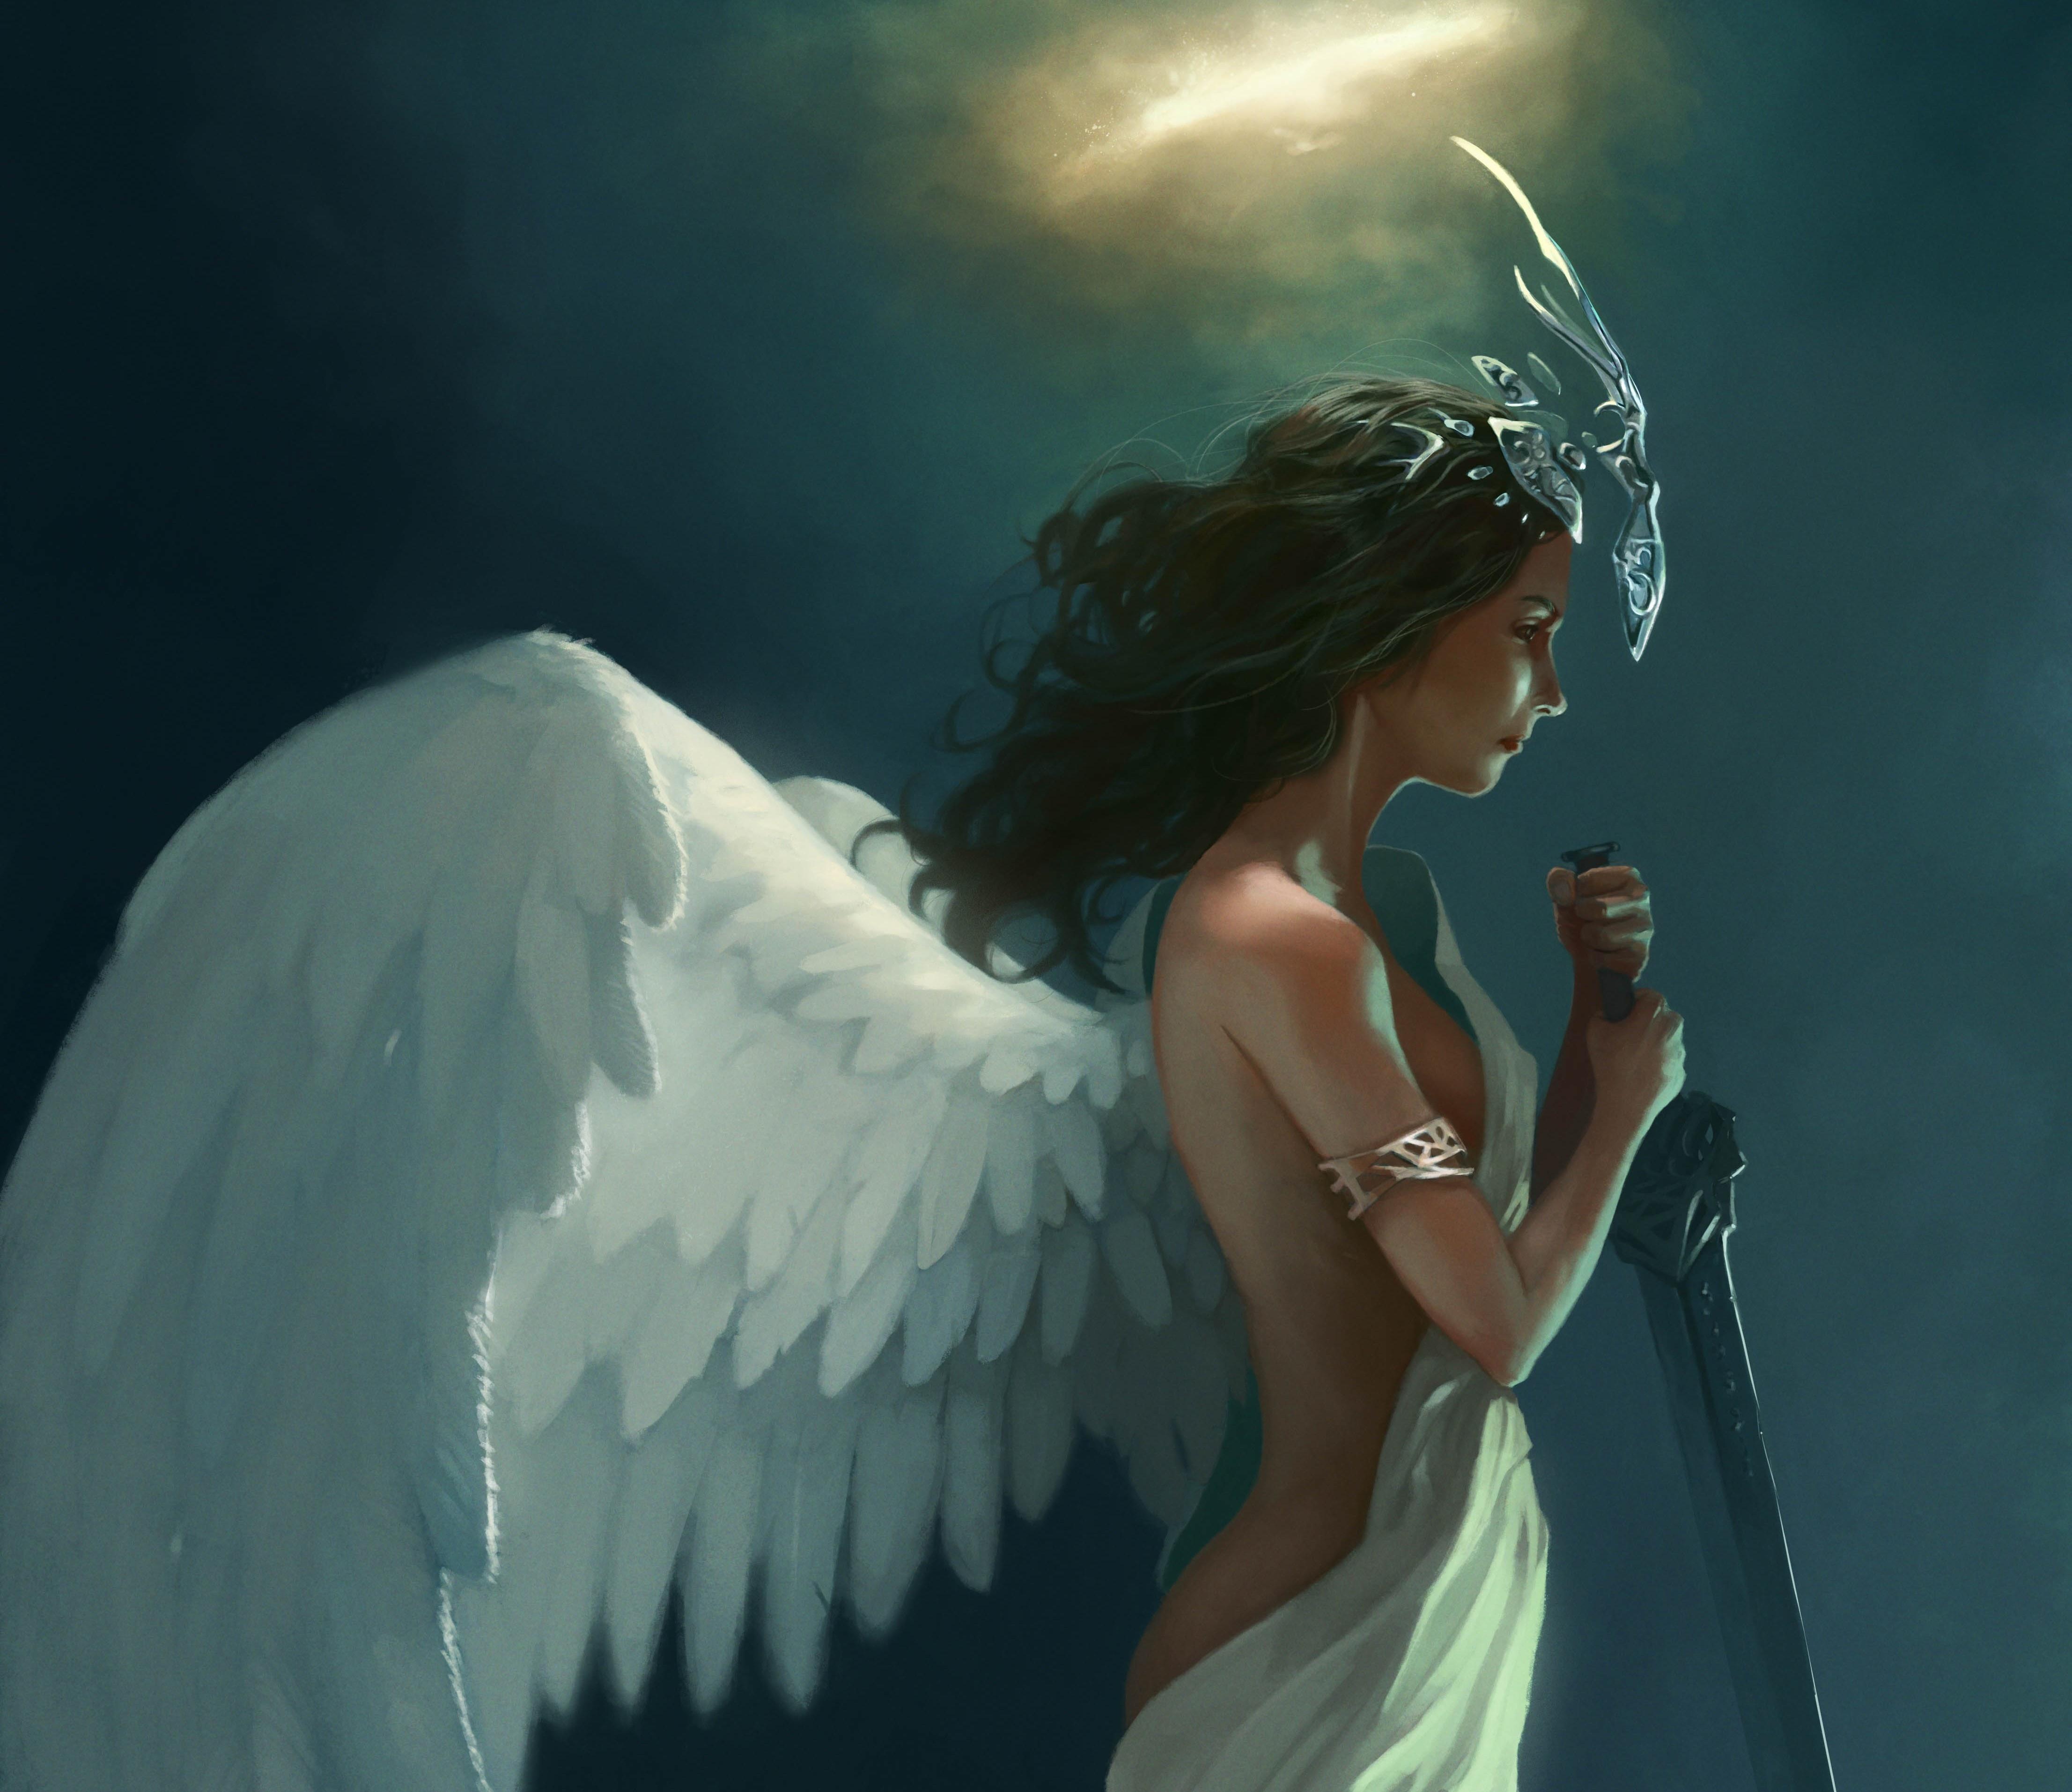 арт, francisco m™ndez, крылья